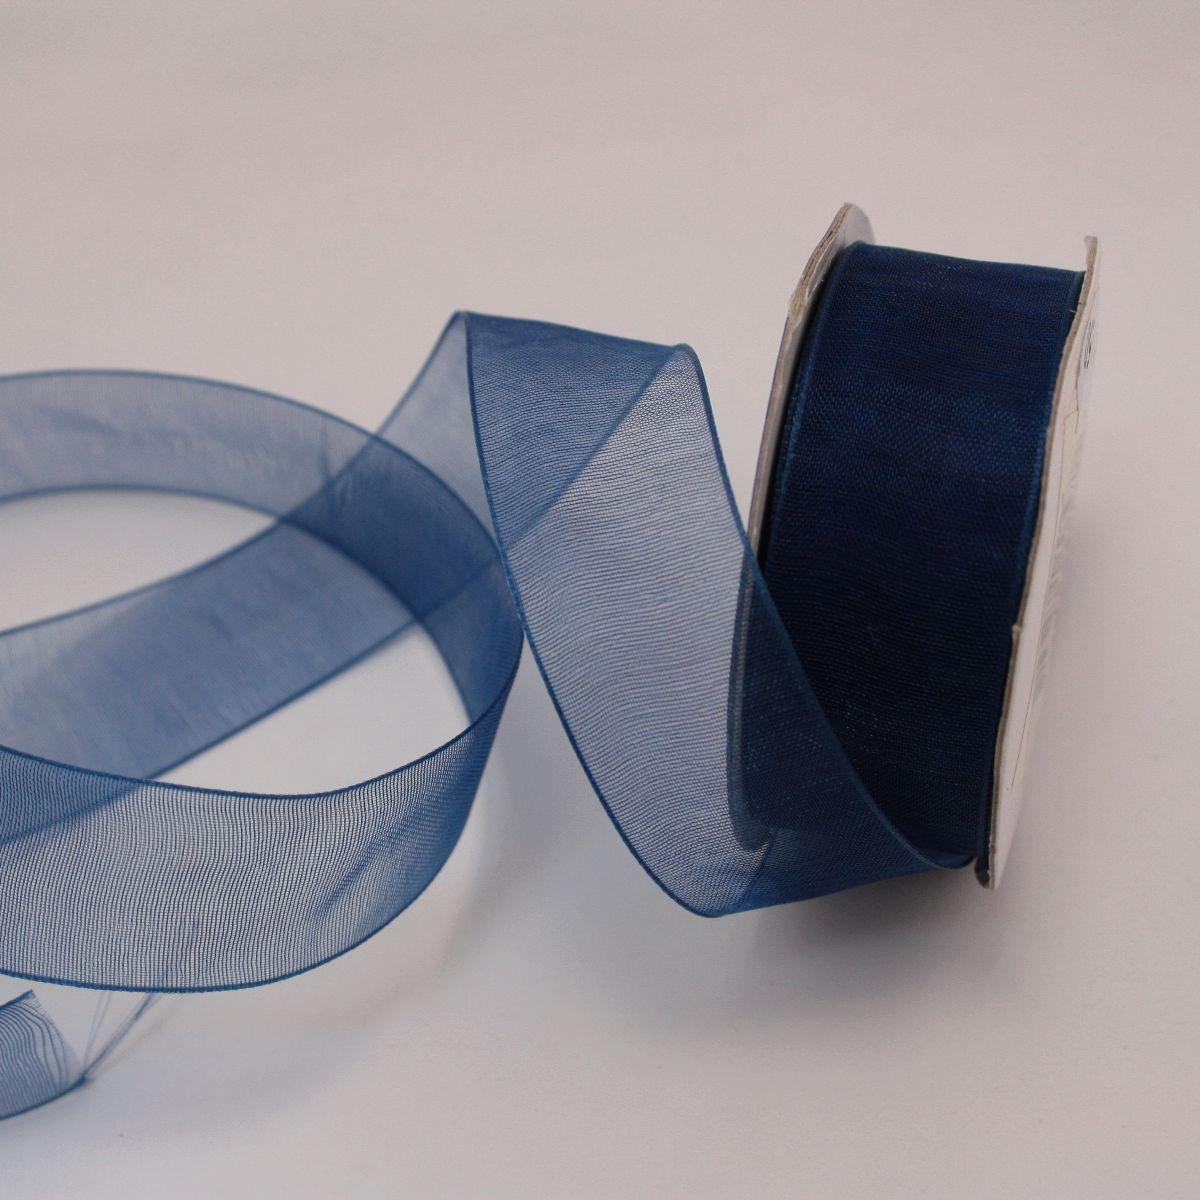 Ruban organdi en bobine bleu marine 20 mm